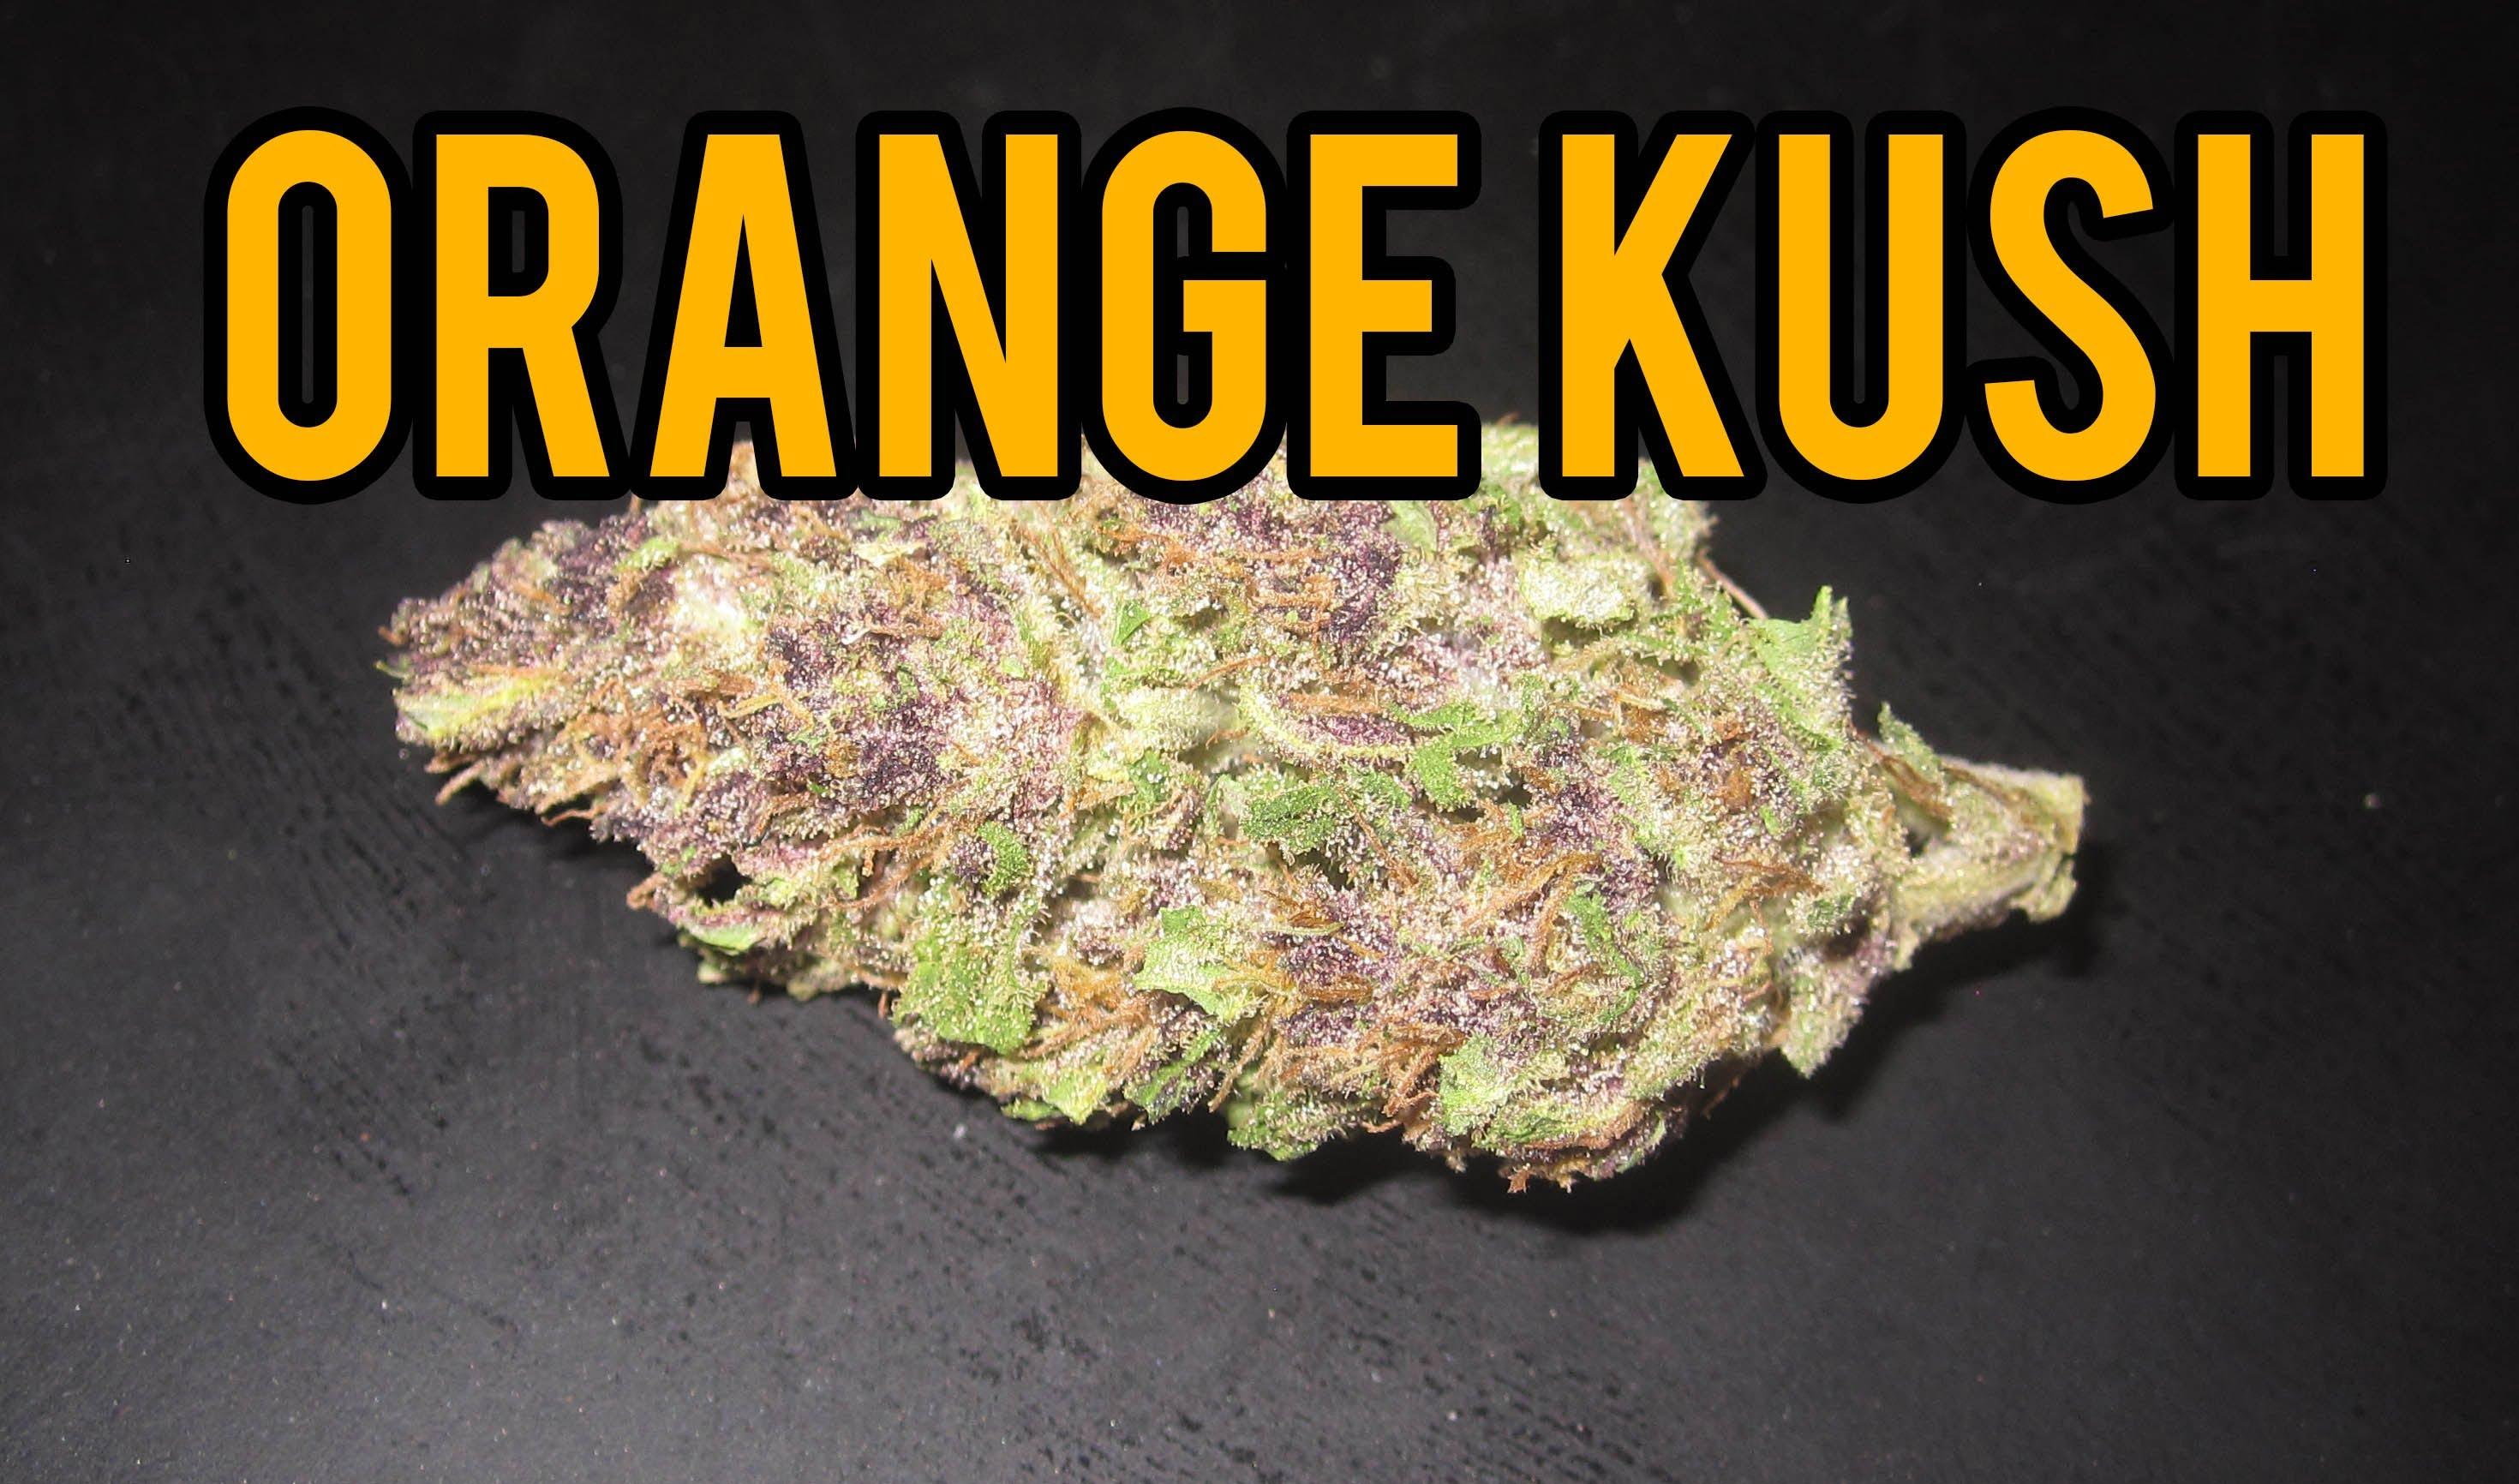 Orange Kush Strain Review - I Love Growing Marijuana